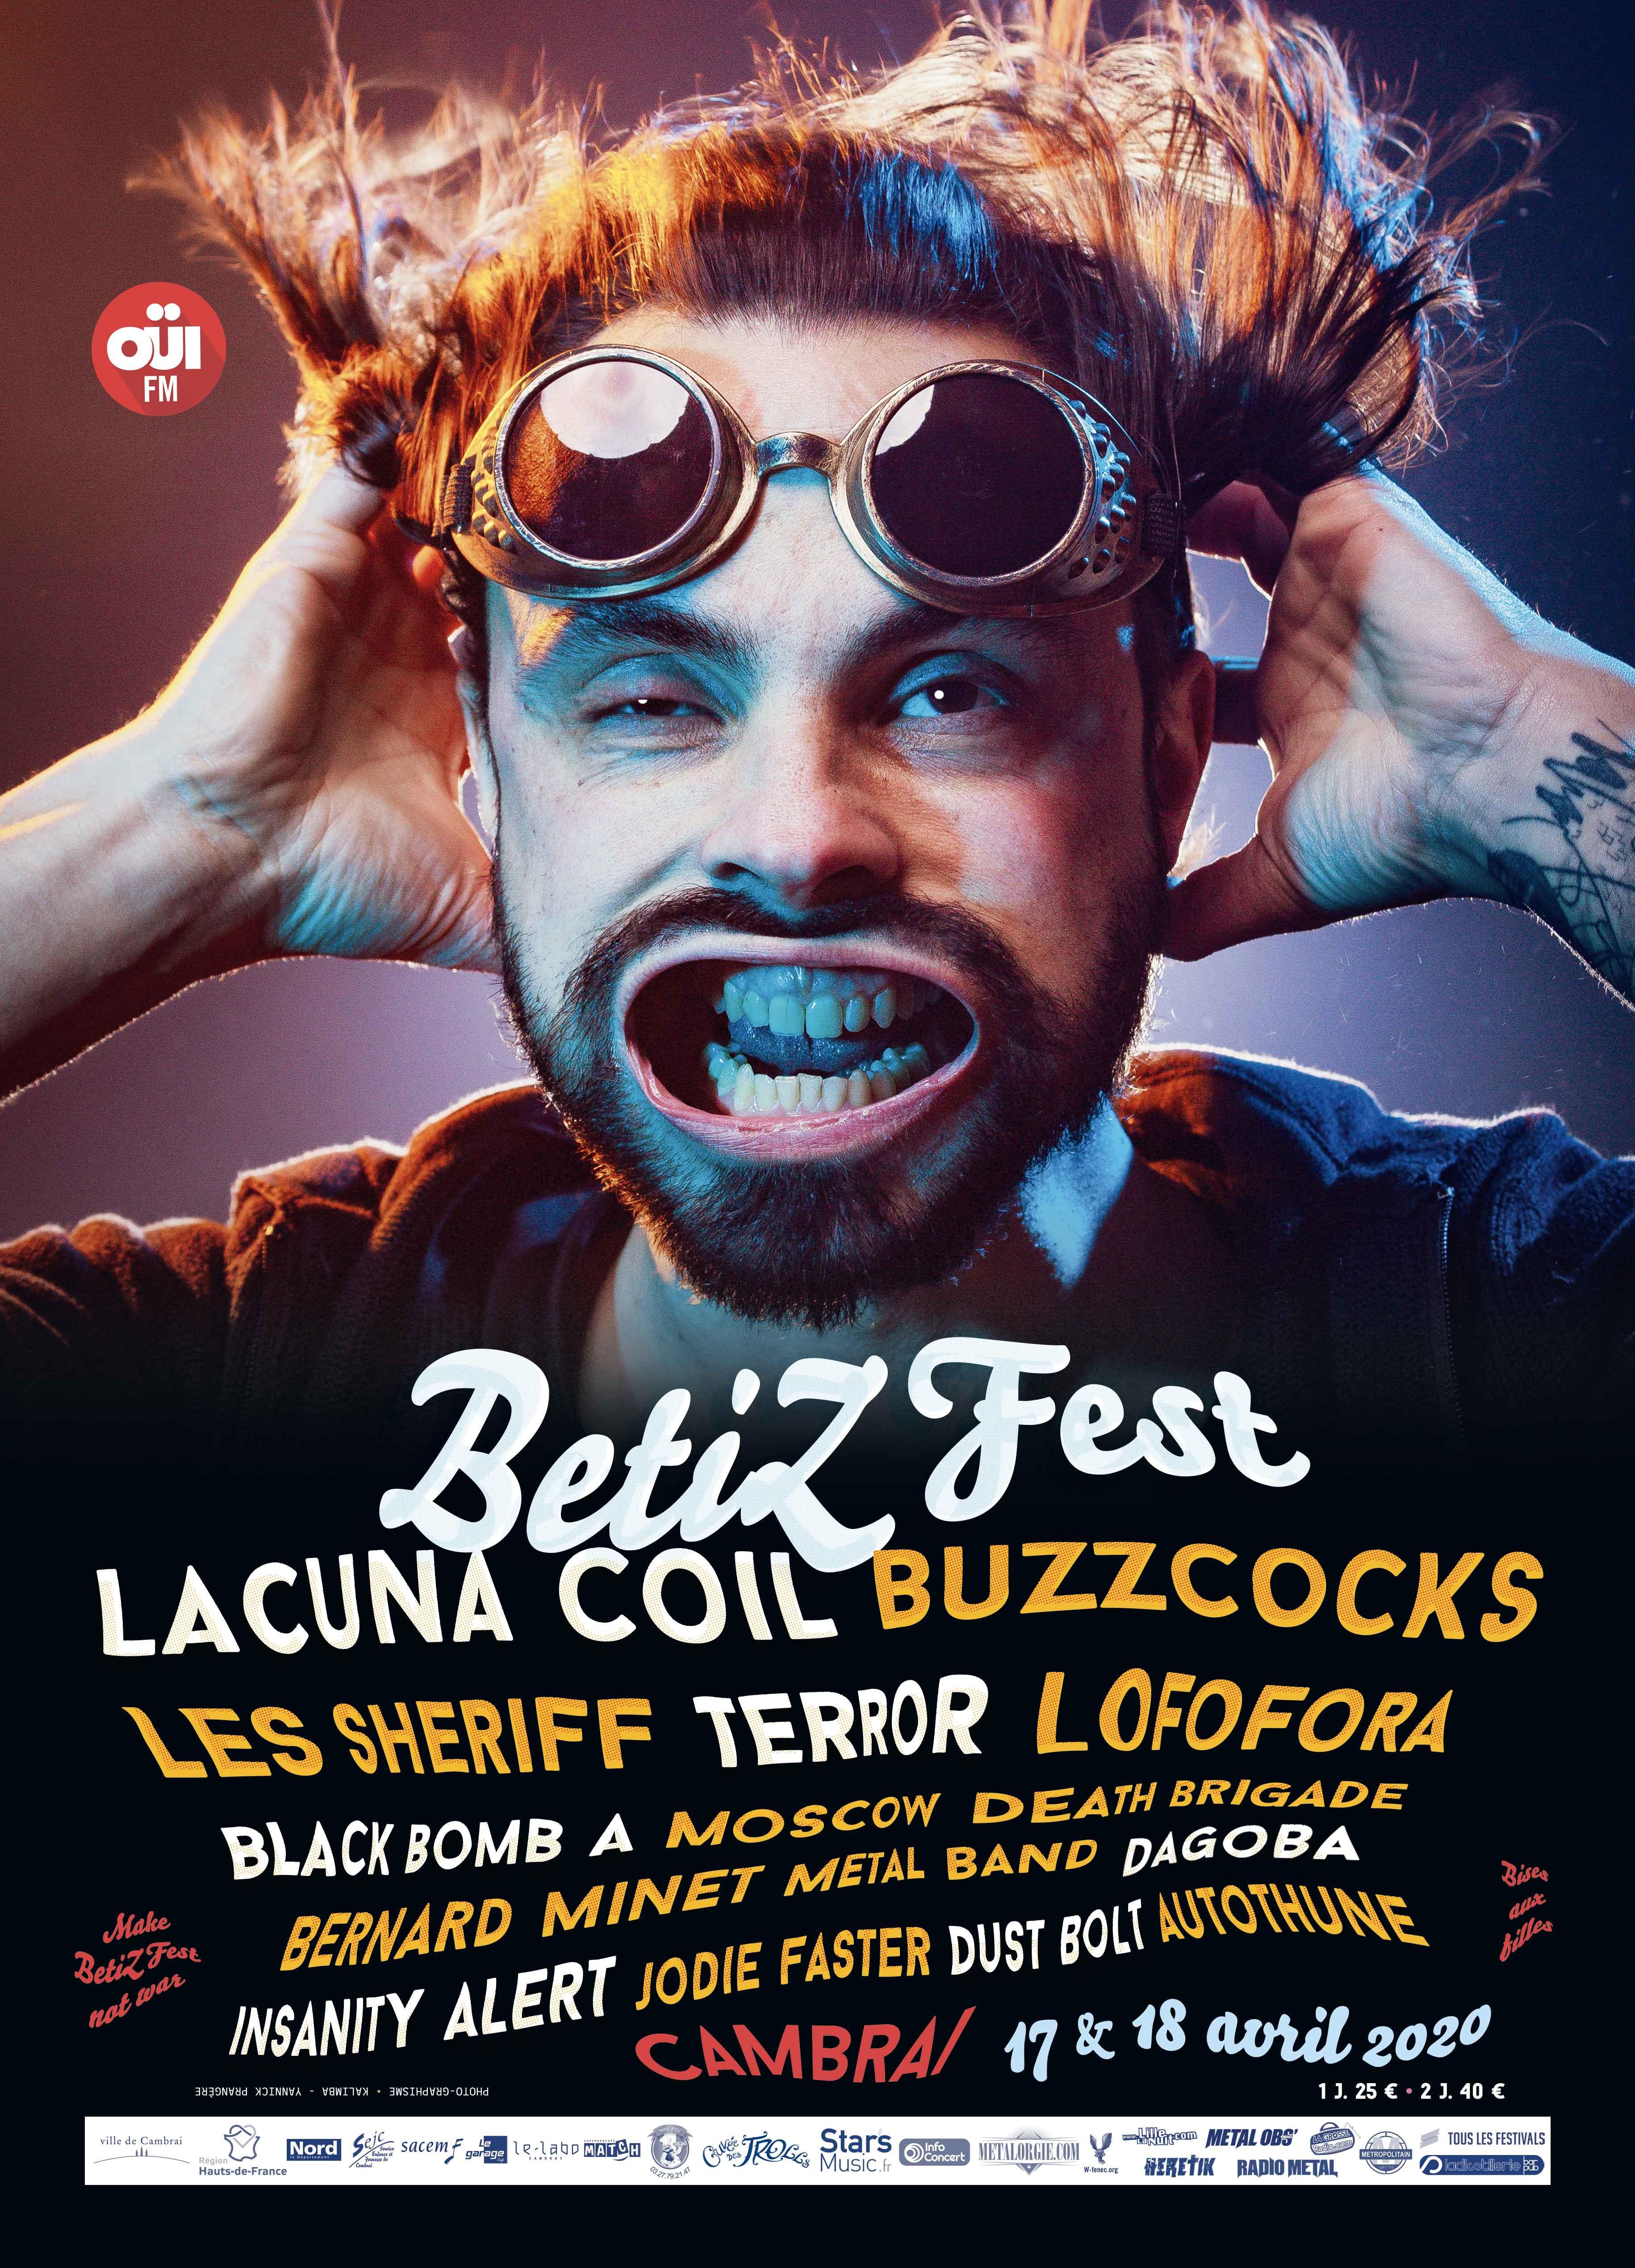 L'affiche complète du Betizfest 2020 est désormais connue